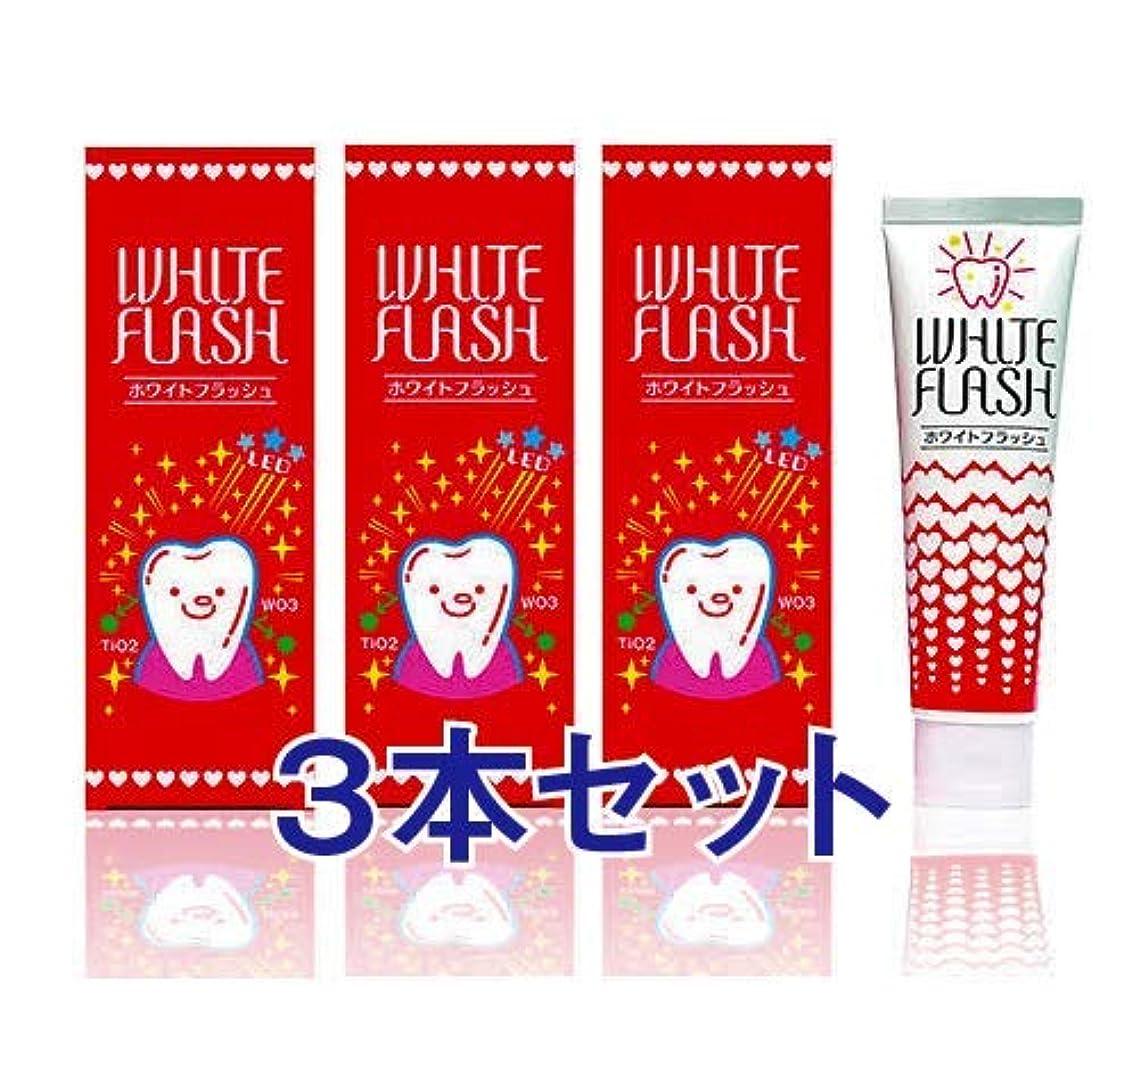 軍艦一生形【3本セット】ホワイトニング歯磨き粉 ホワイトフラッシュ